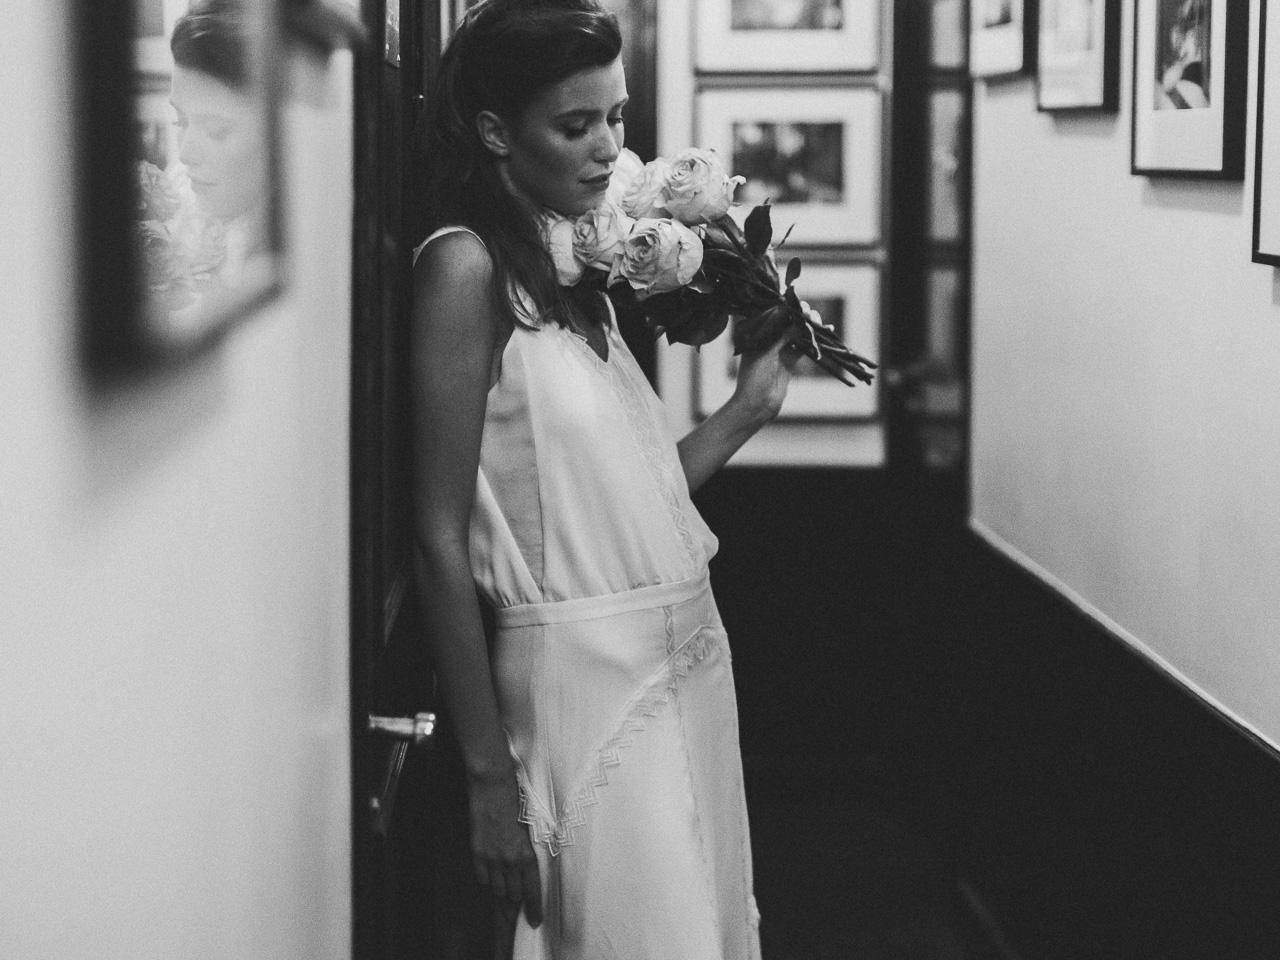 0133_Sophie-Sarfati-Lifestories-Yann-Audic_MK3_2737.jpg